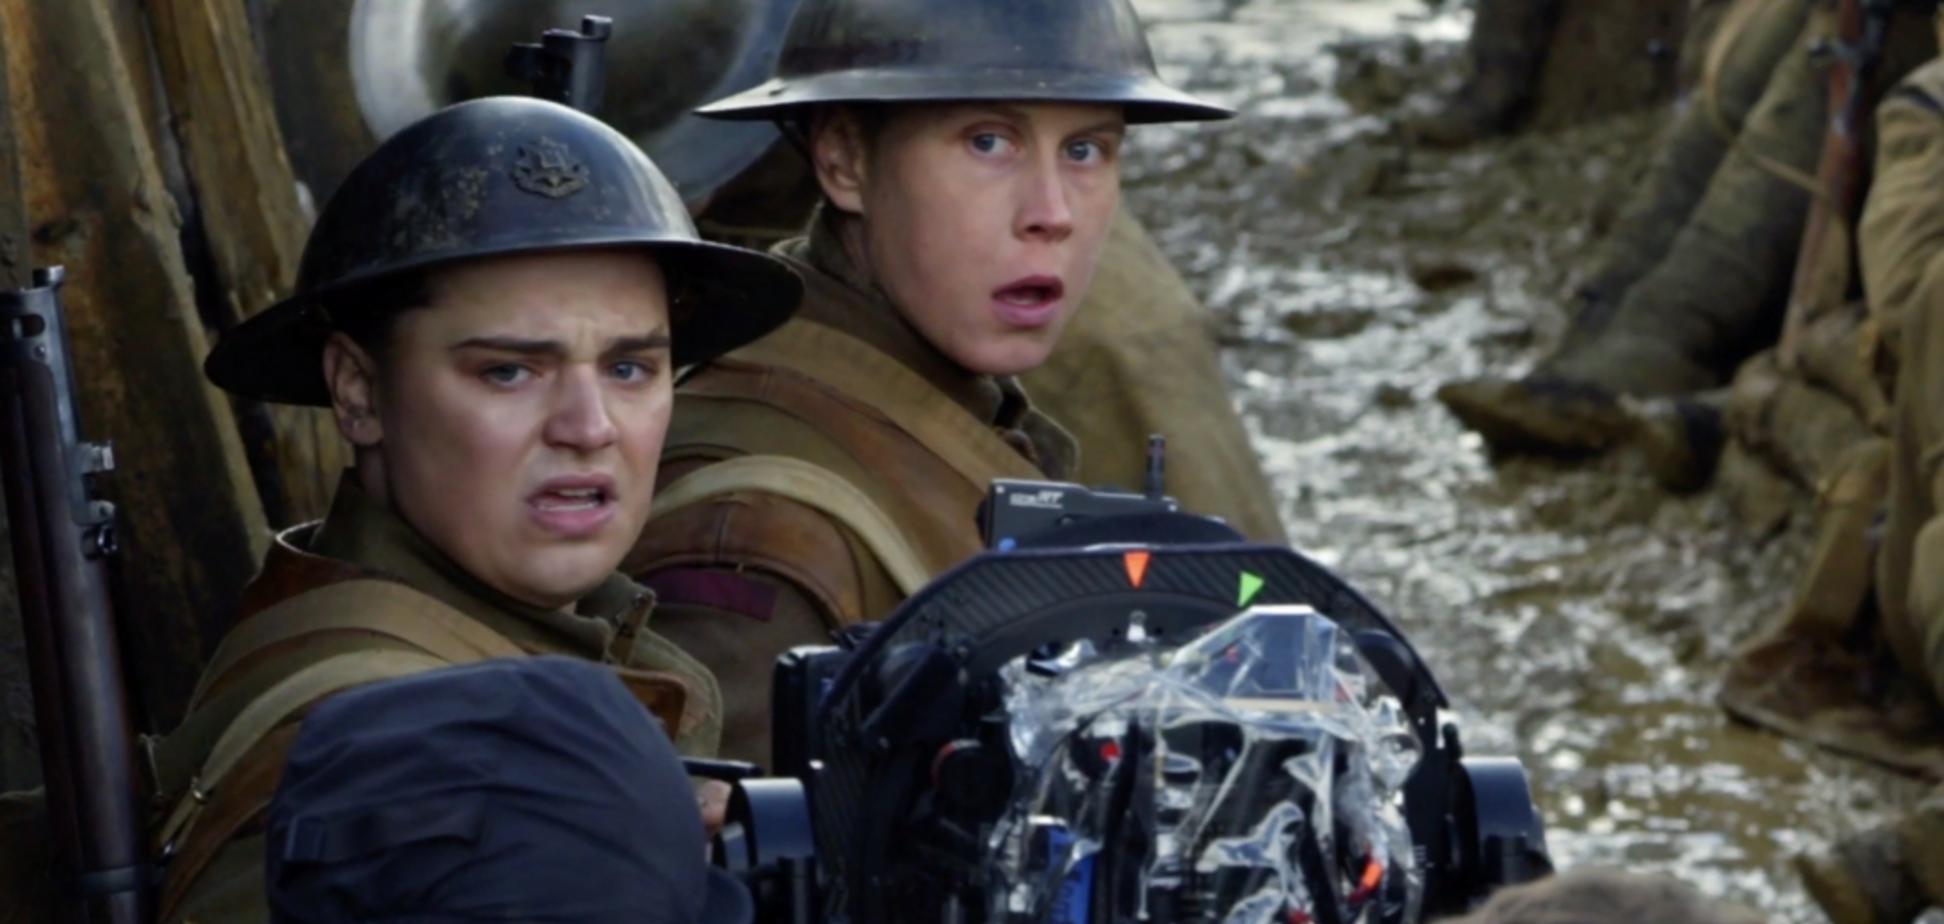 Фільм '1917' – тріумфатор 'Оскара'! Як його знімали й чому це не зовсім 'один дубль'